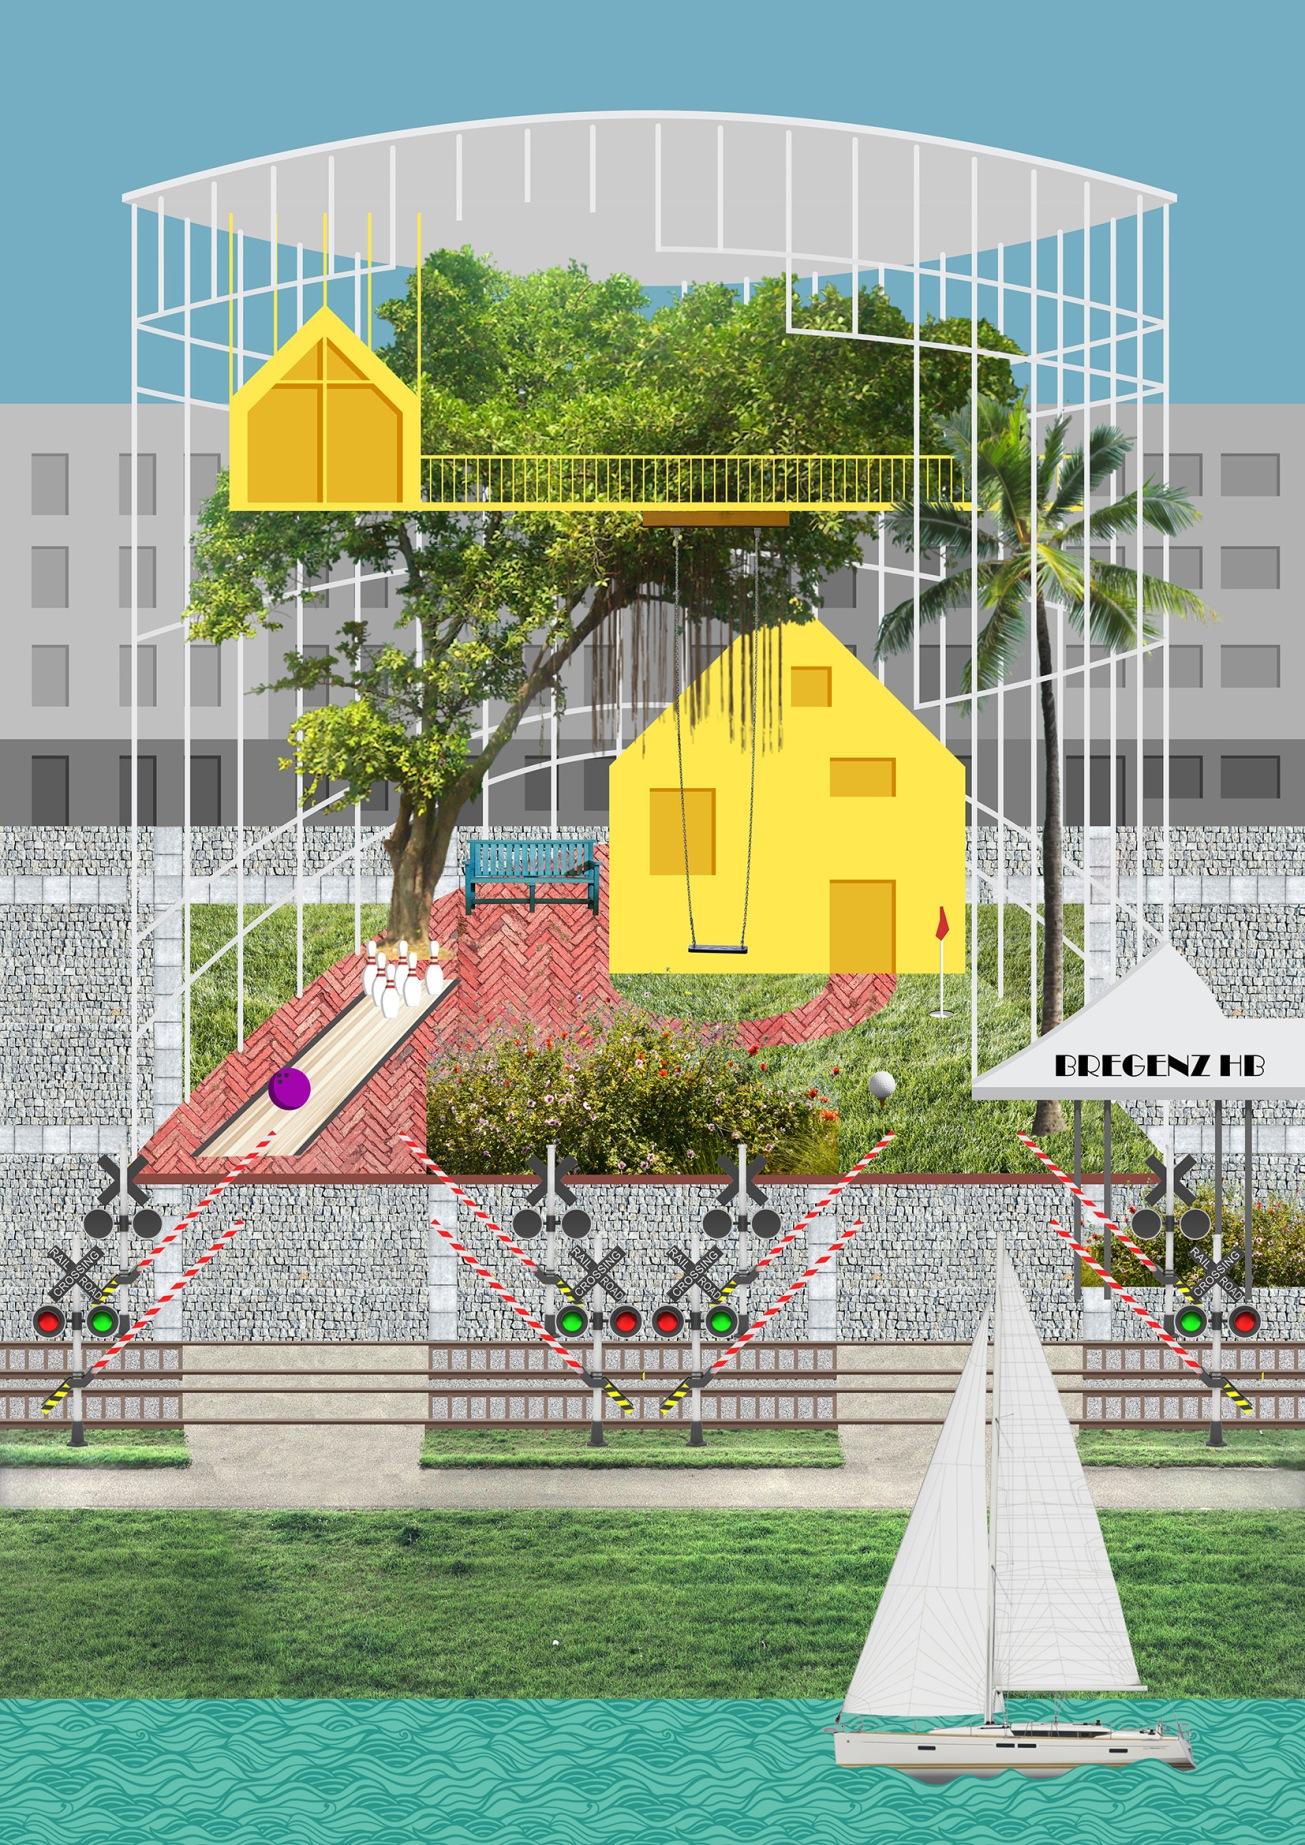 2_templeofpublicspace_hotel_kebab_anastasiia_oksiukovska_2017_unili_ma_thesis